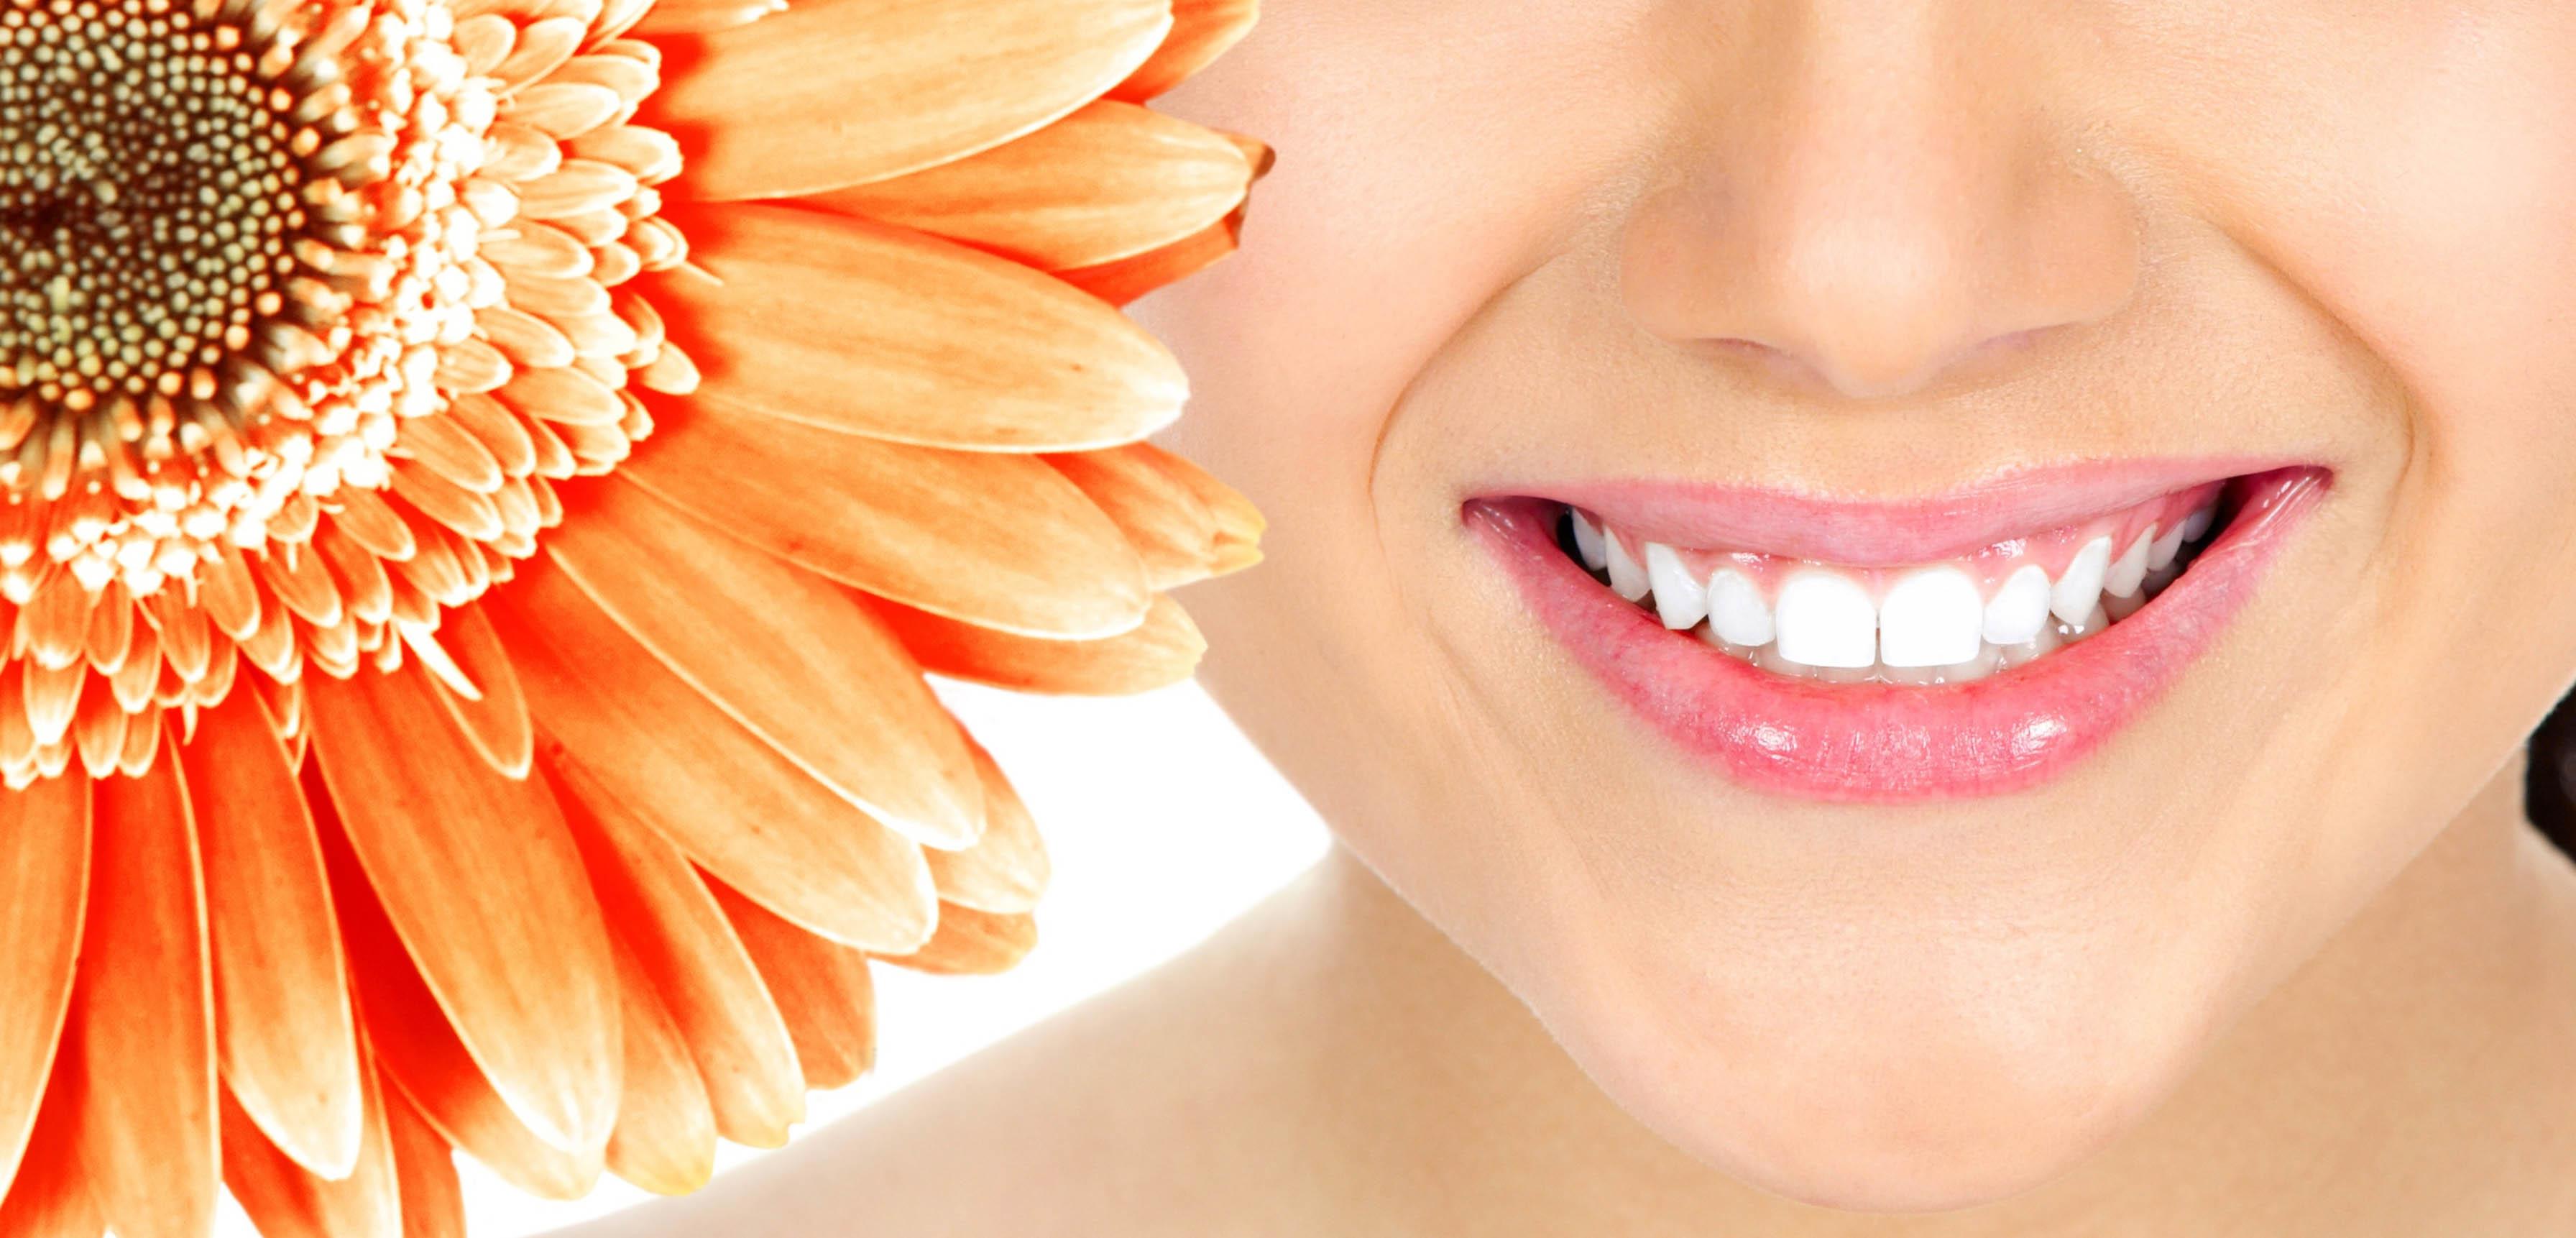 ästhetisches Lächeln einer jungen Frau mit Blume